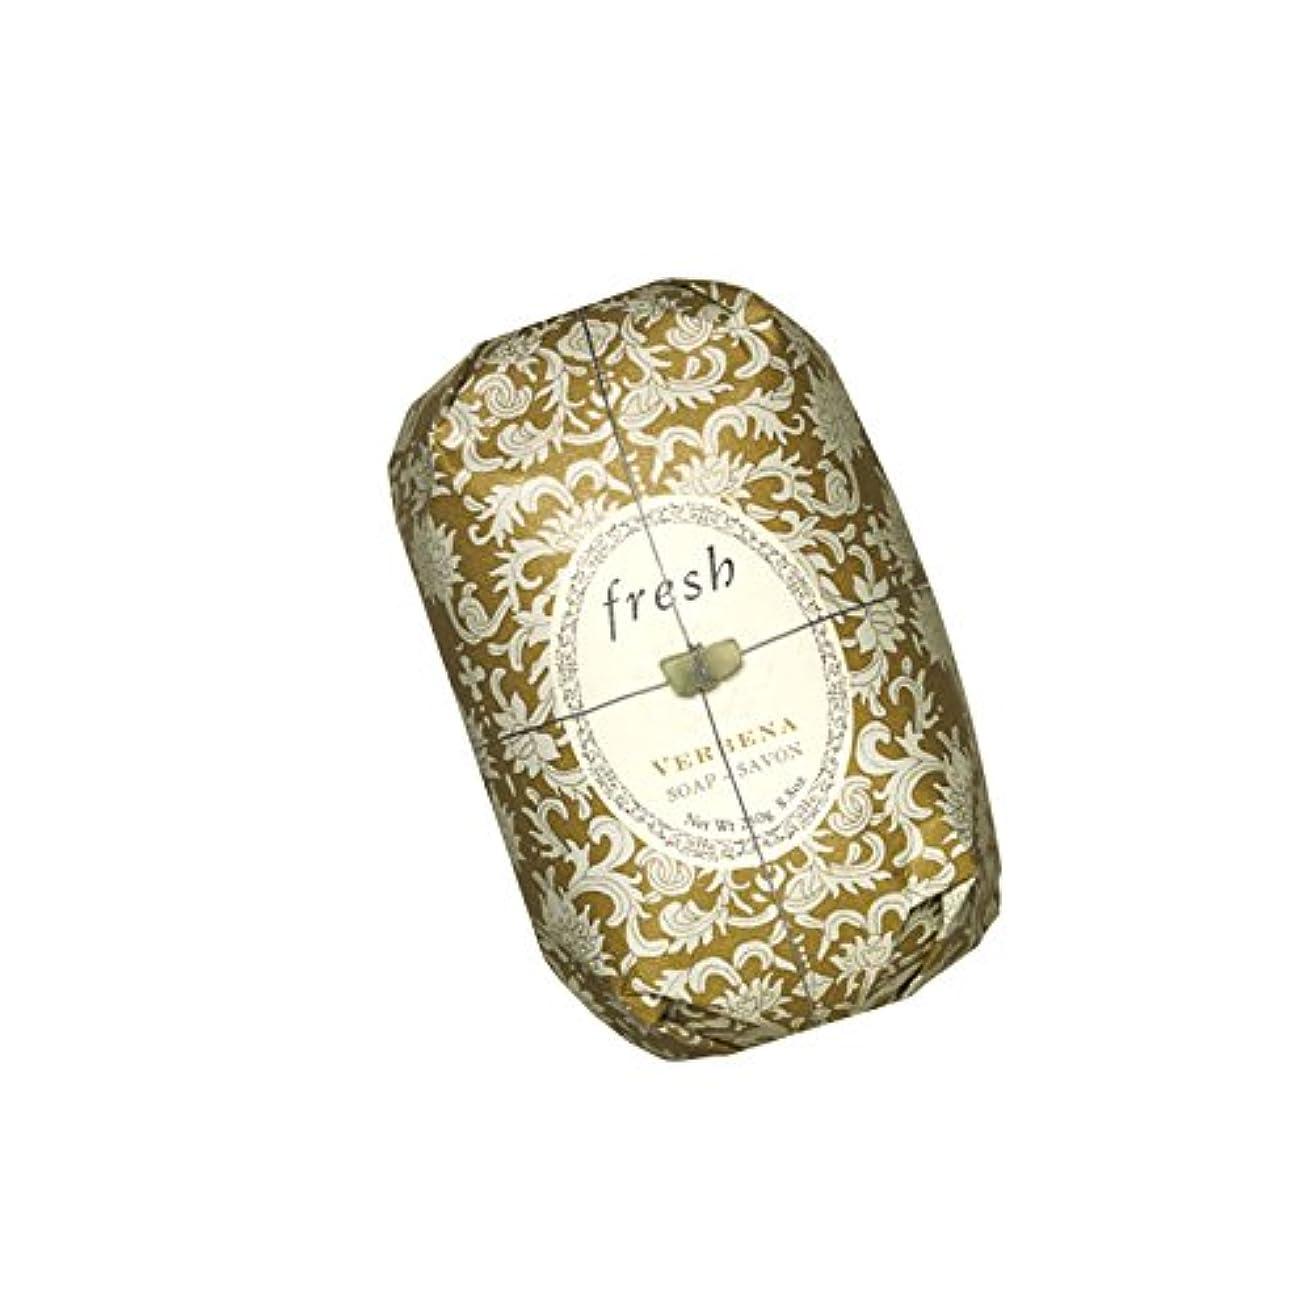 成功確保する想起Fresh フレッシュ Verbena Soap 石鹸, 250g/8.8oz. [海外直送品] [並行輸入品]